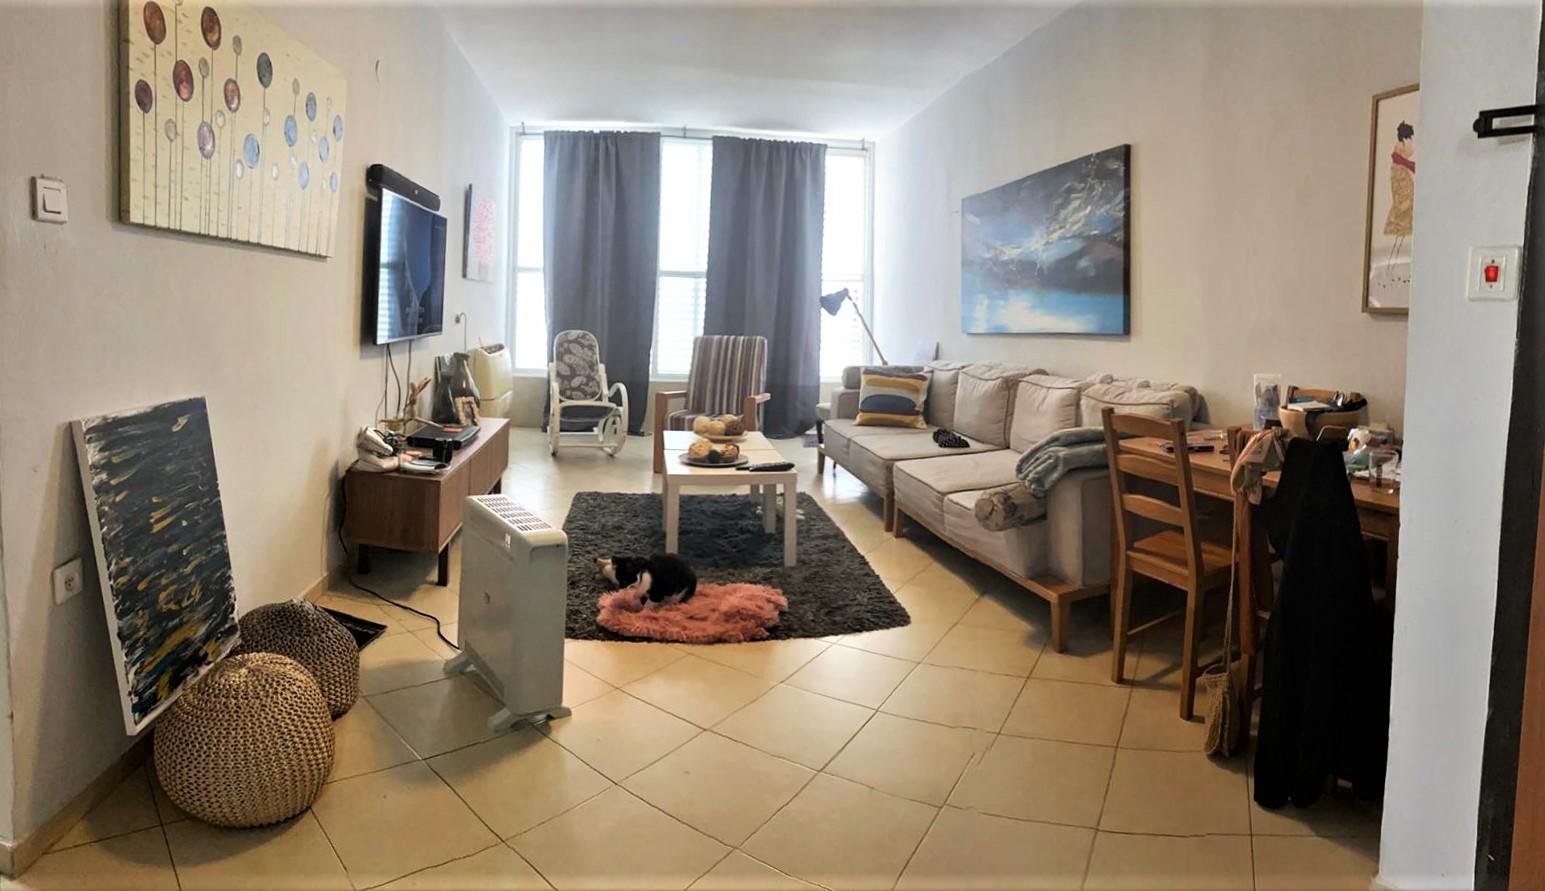 דירה למכירה 3 חדרים 1,390,000₪, ראשל